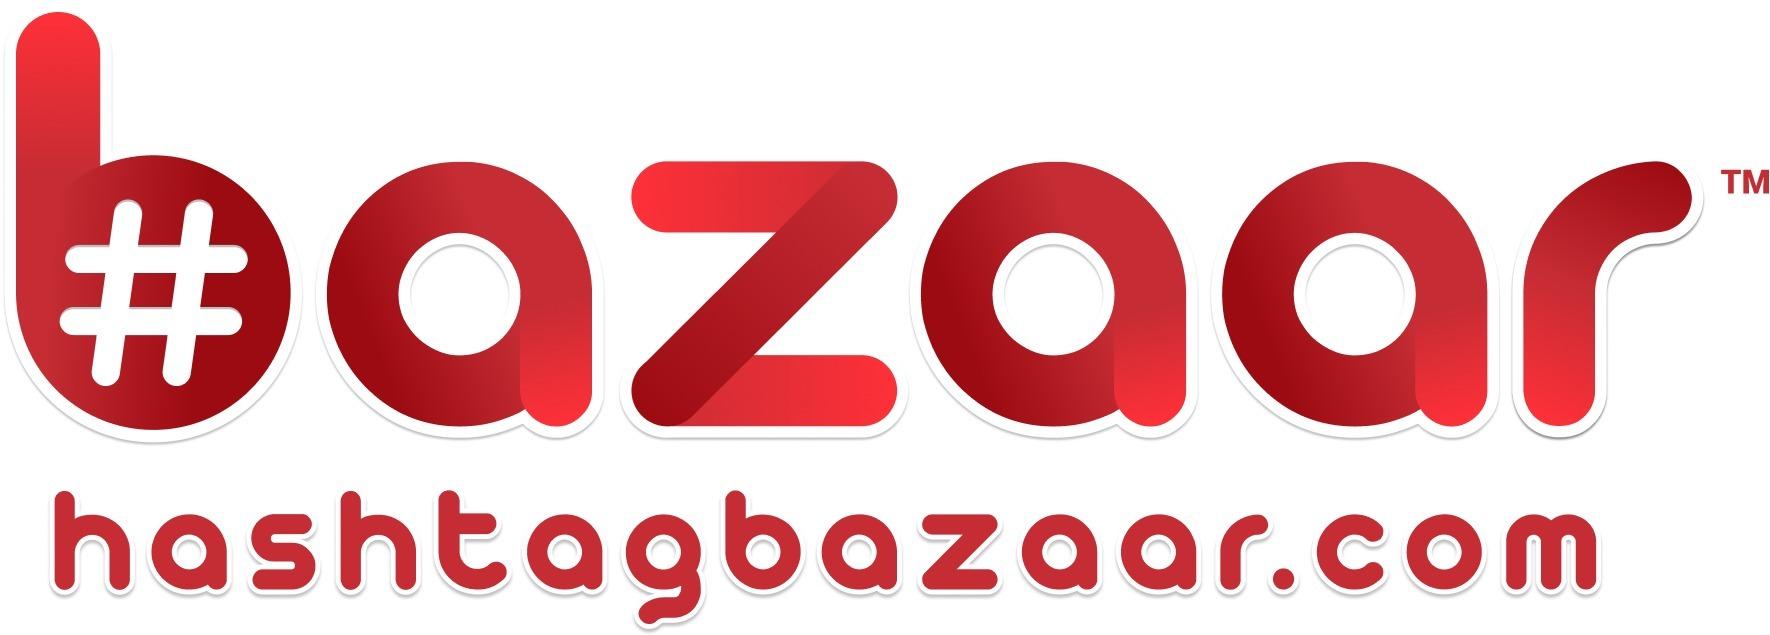 HashtagBza (@hashtagbazaar) Cover Image